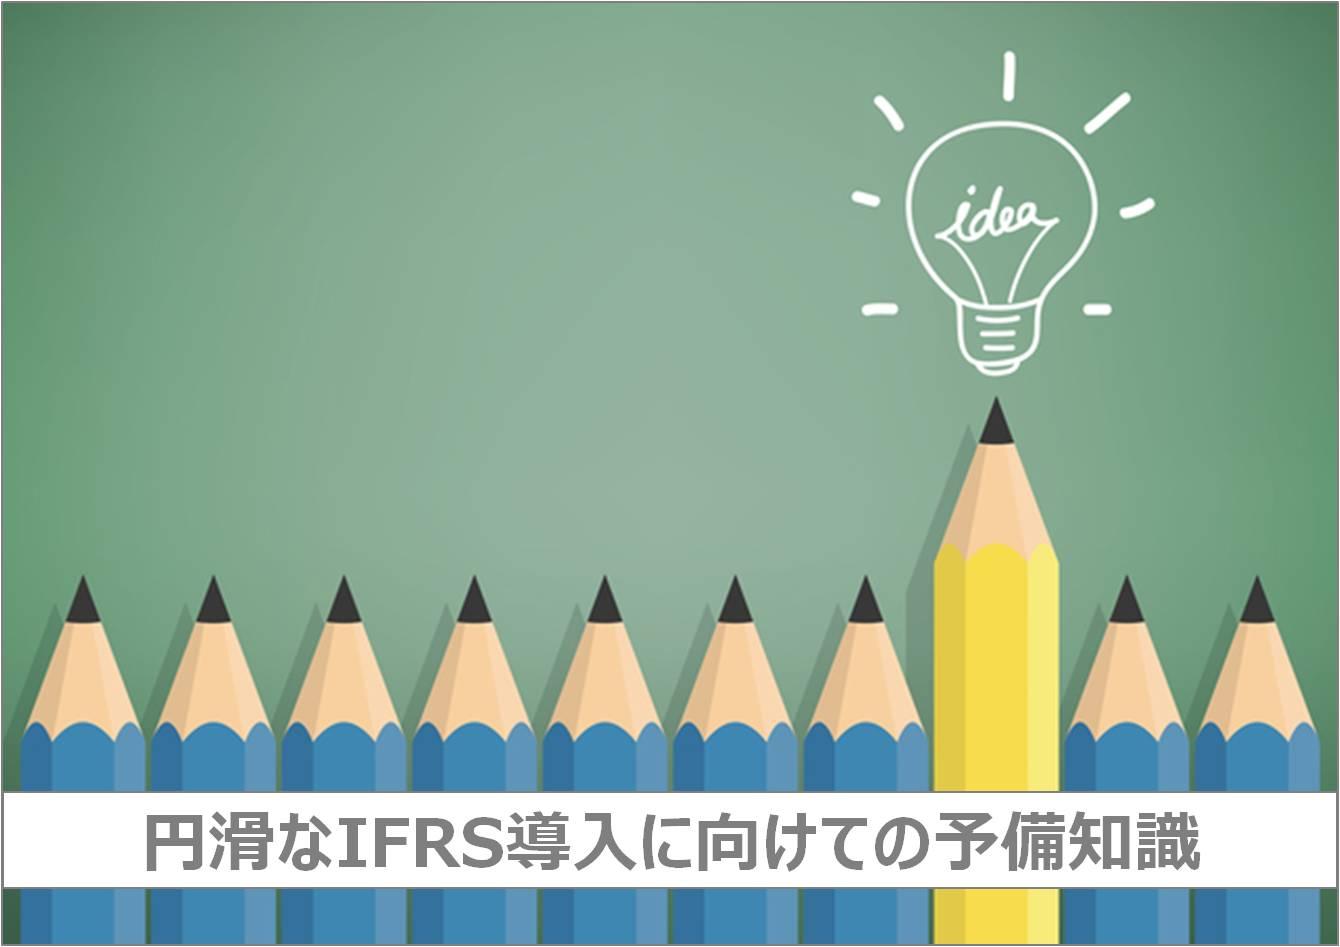 【コラム】必見! 円滑なIFRS導入に向けての予備知識